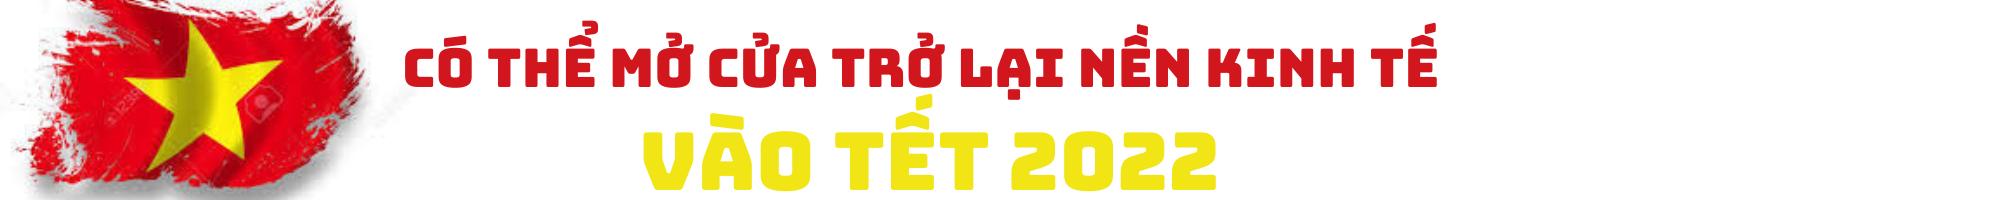 Việt Nam chuẩn bị gì để mở cửa trở lại nền kinh tế sau khi miễn dịch cộng đồng? - Ảnh 4.